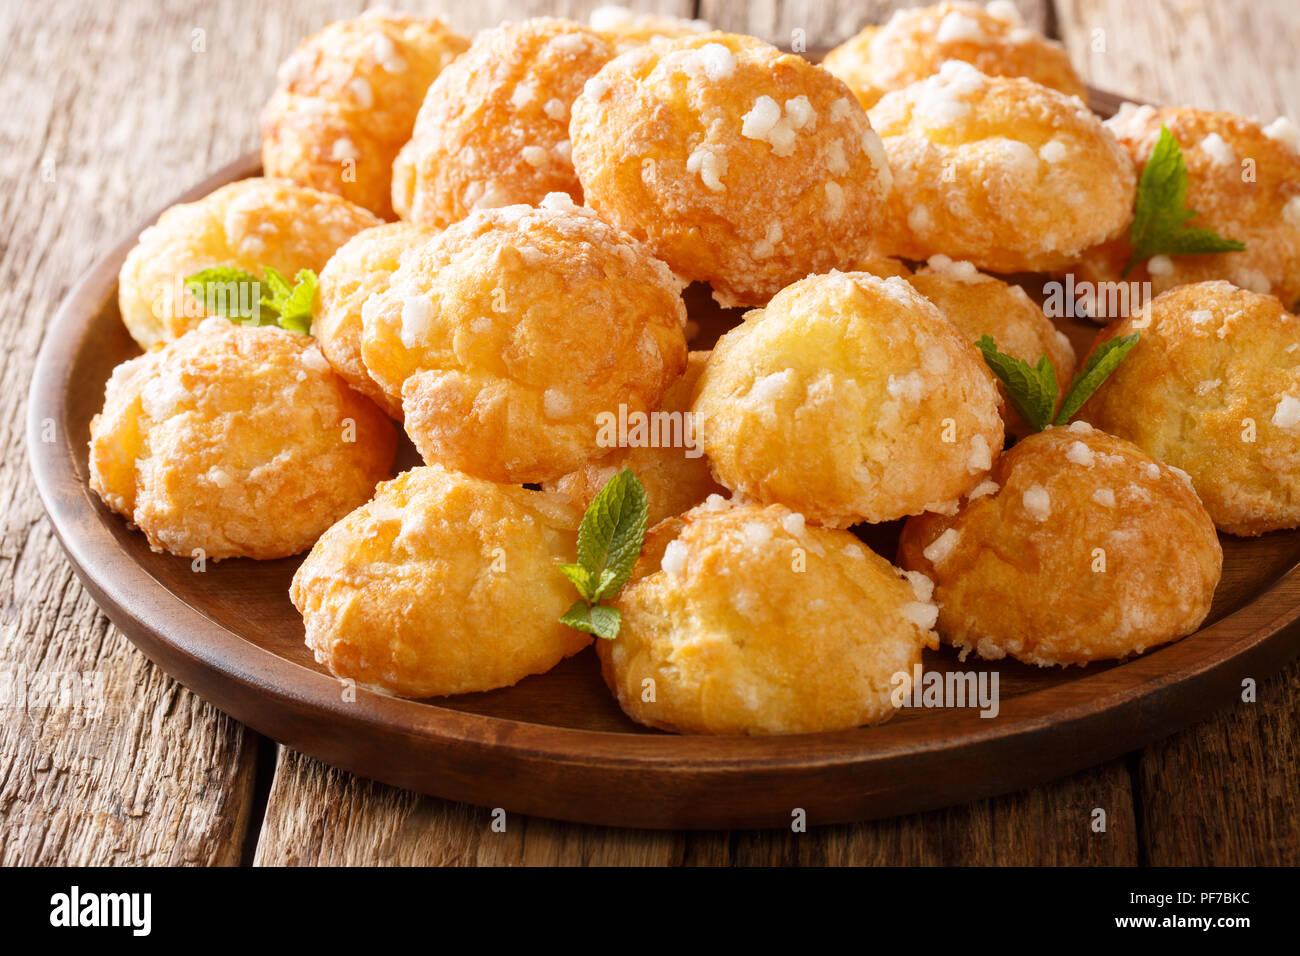 Crema de montón francés bocanadas choux con perlas de azúcar y menta macro en un plato sobre una mesa. Horizontal Imagen De Stock